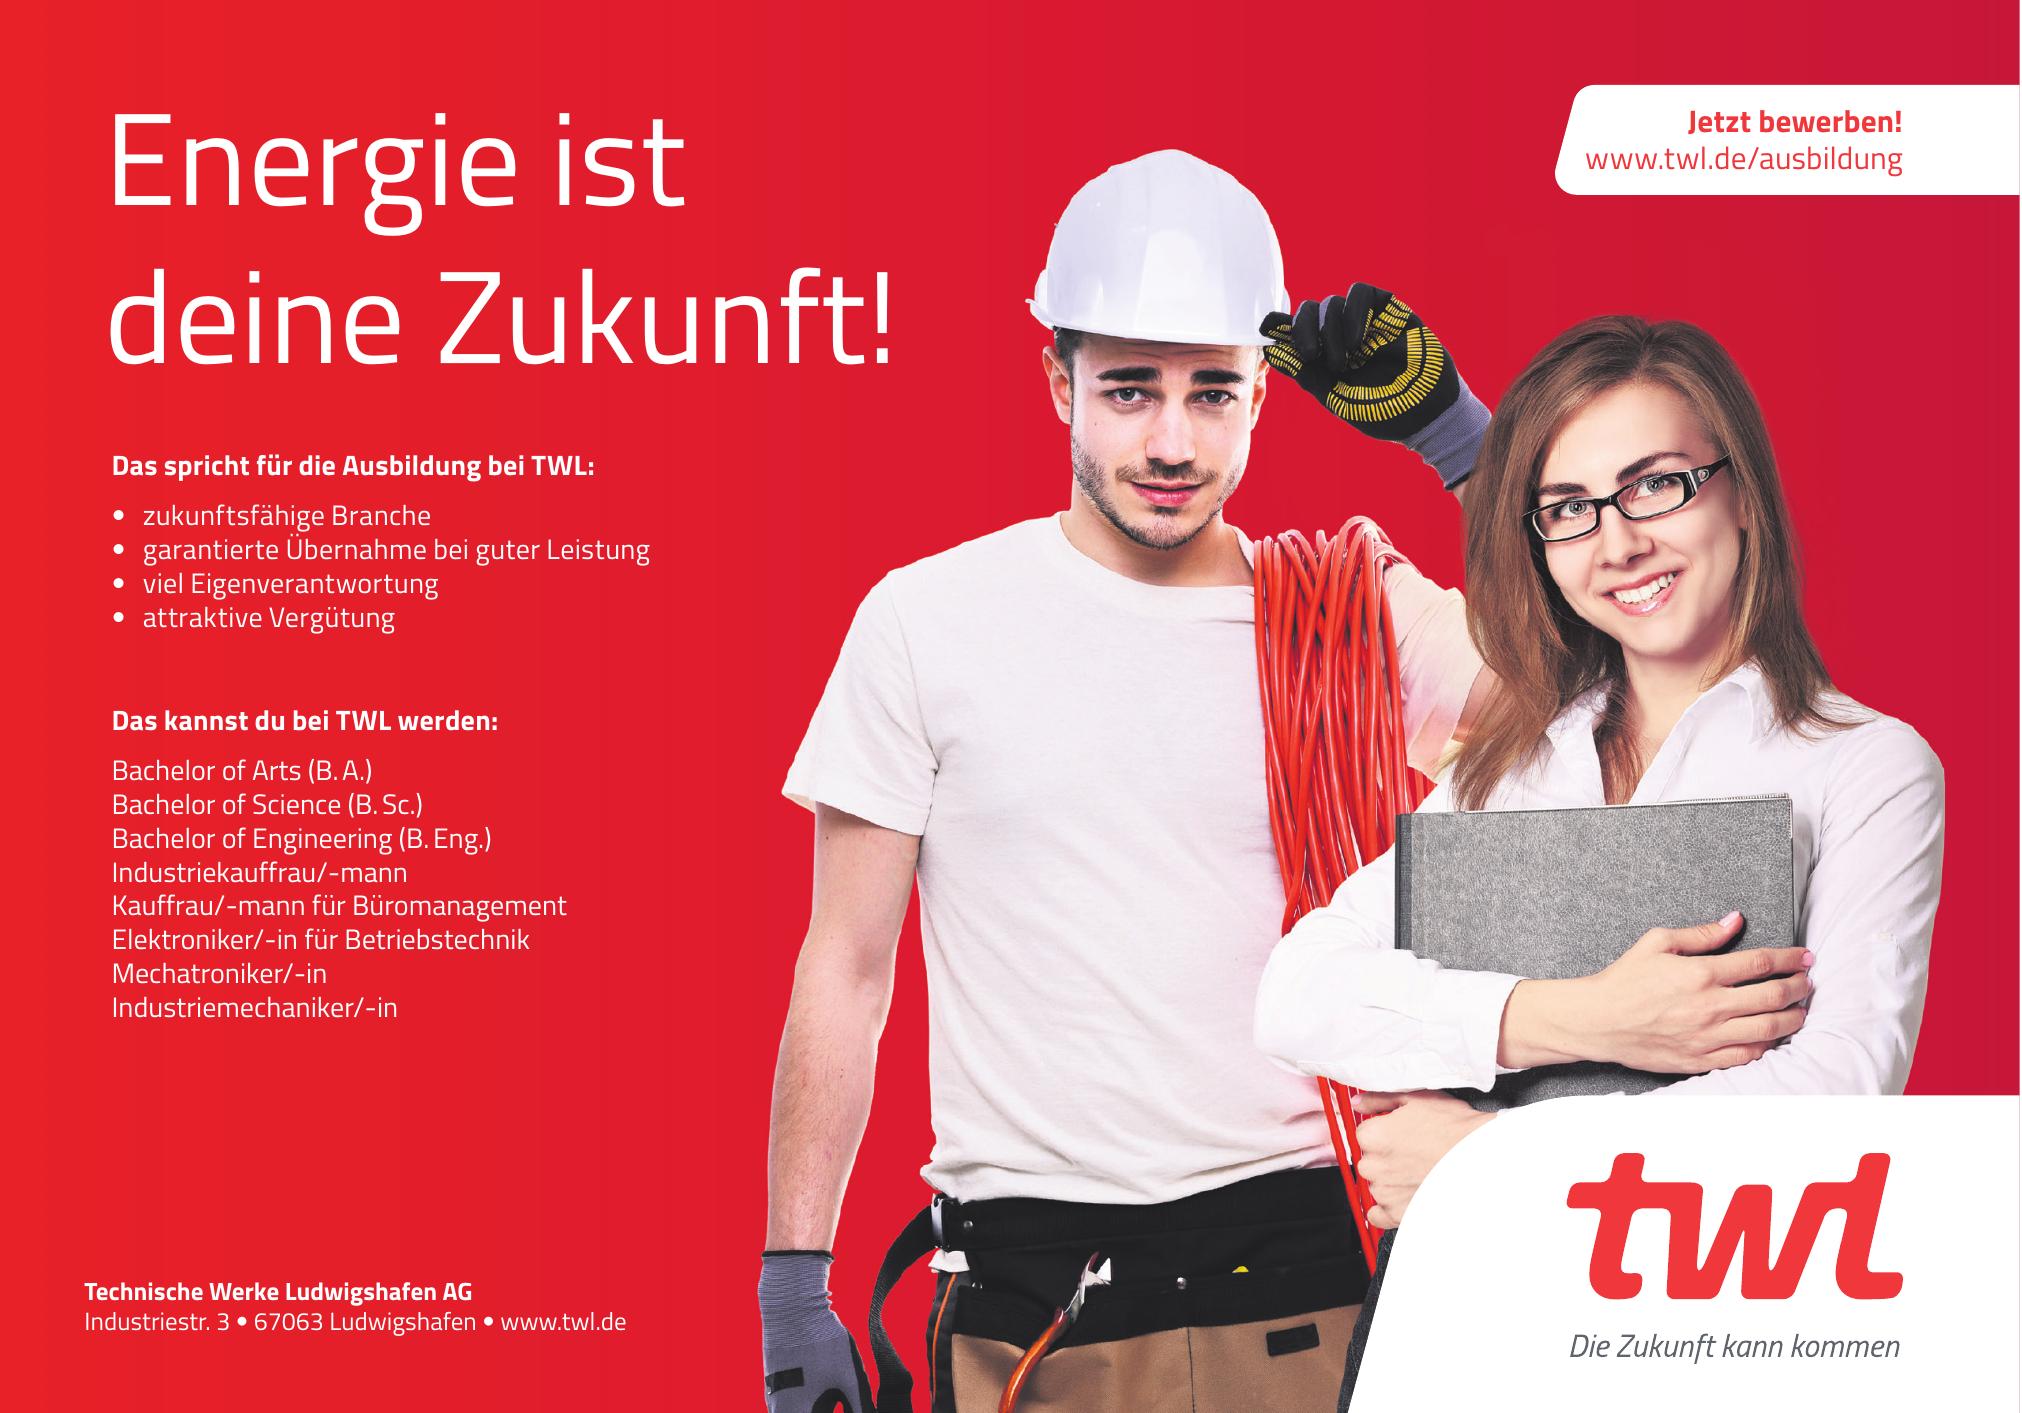 Technische Werke Ludwigshafen AG